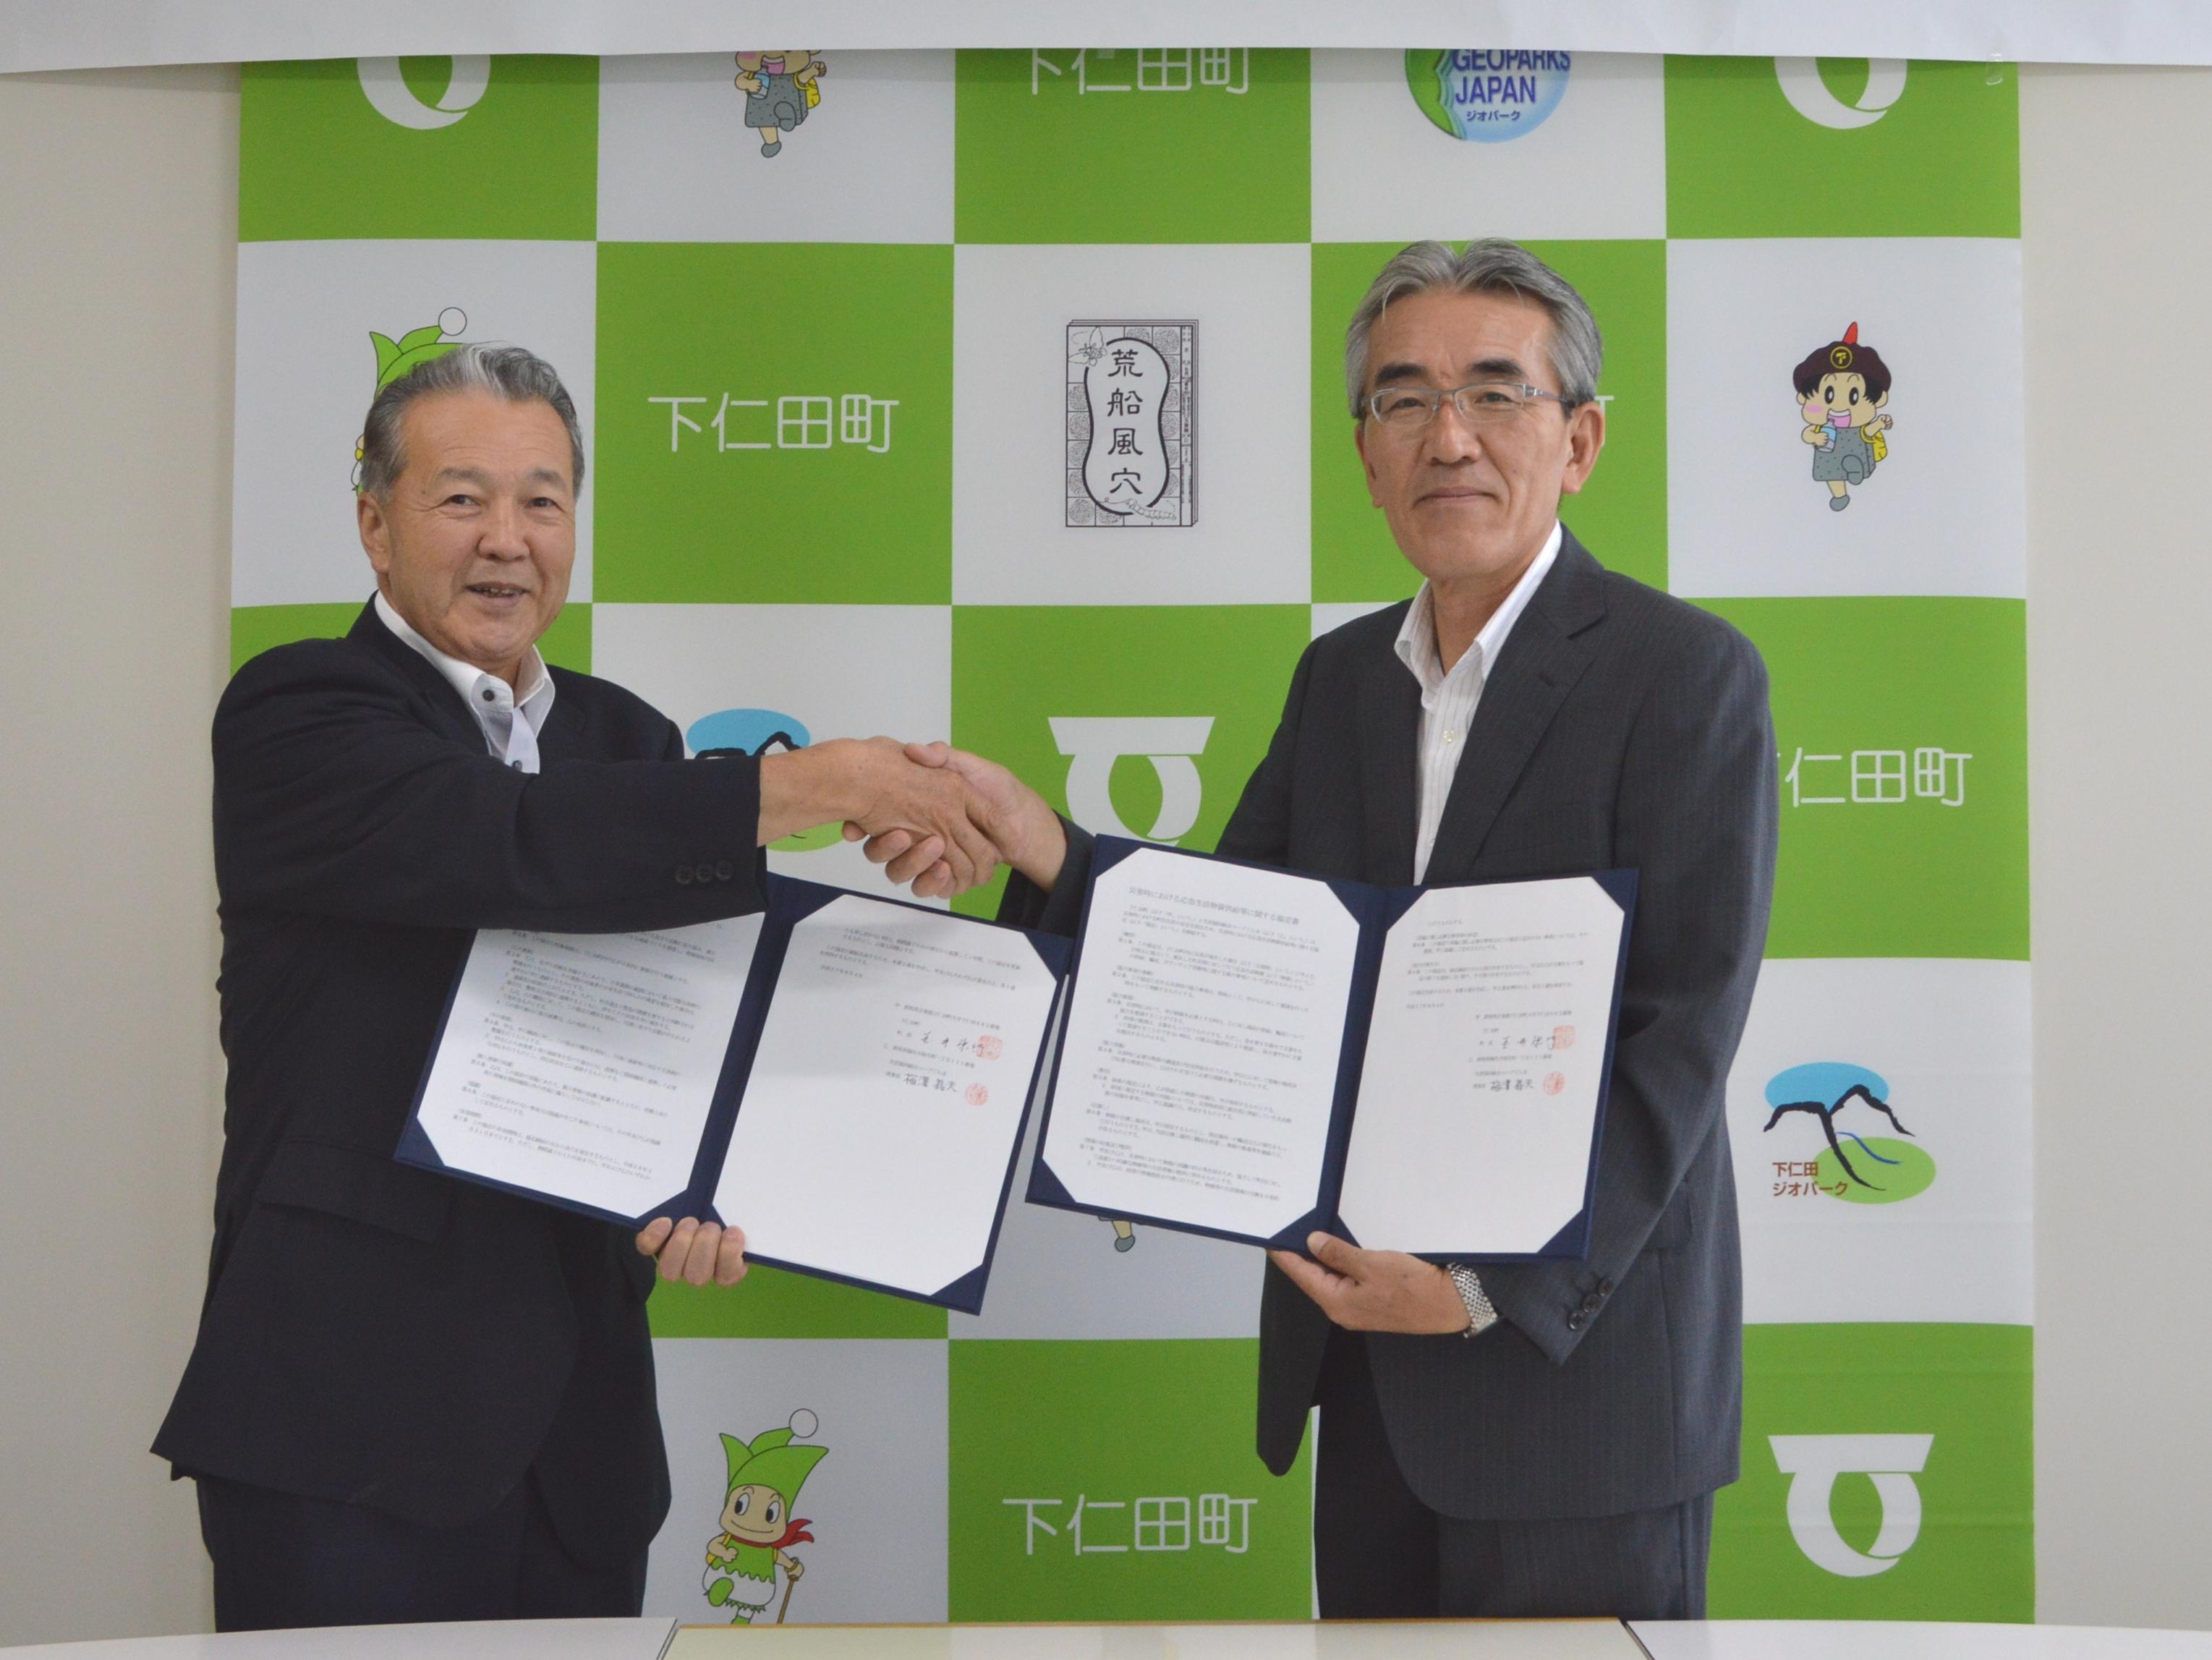 左:金井町長 右:梅澤理事長